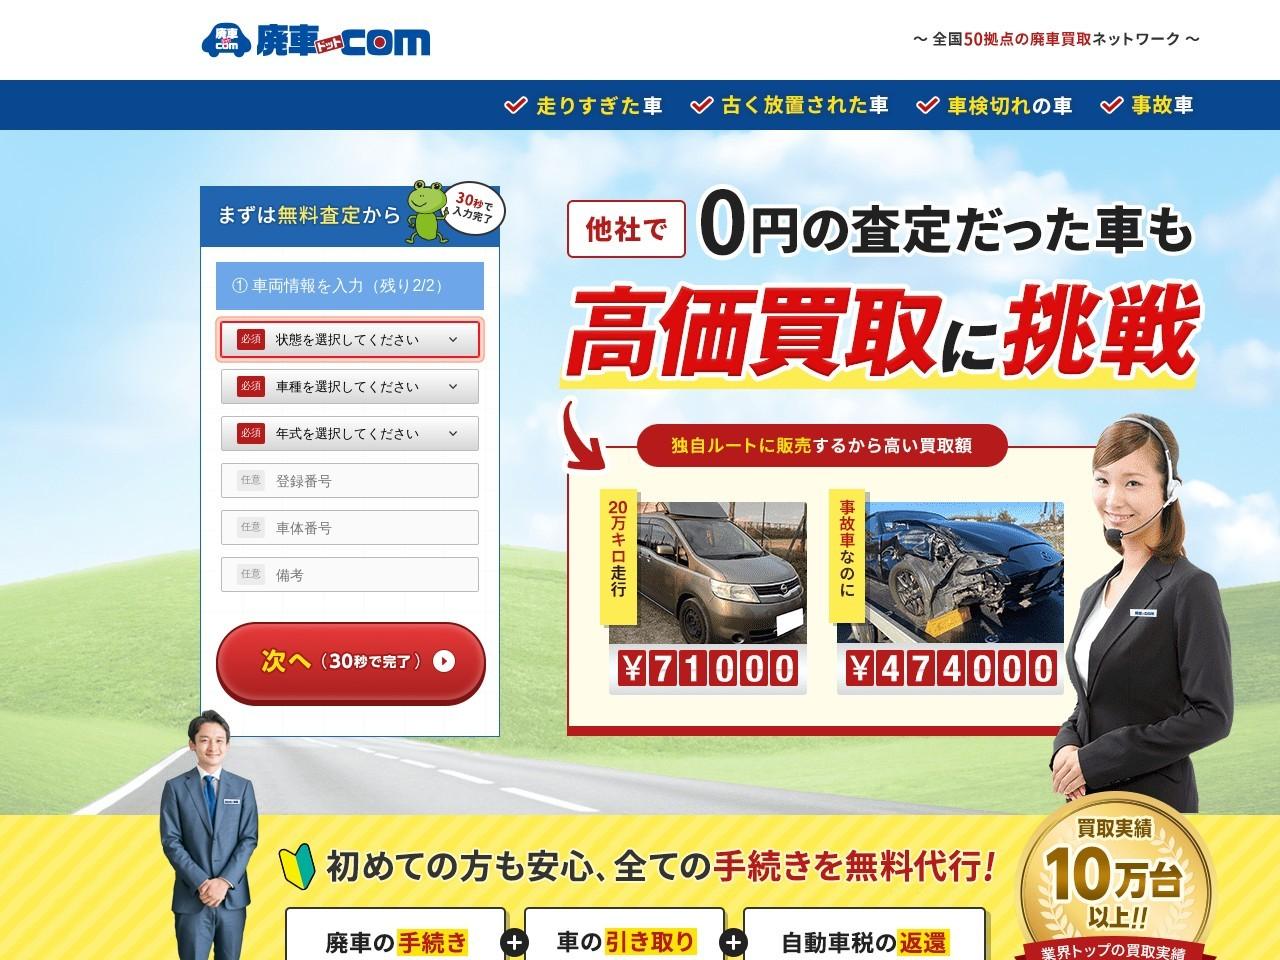 廃車ドット・コム山田店